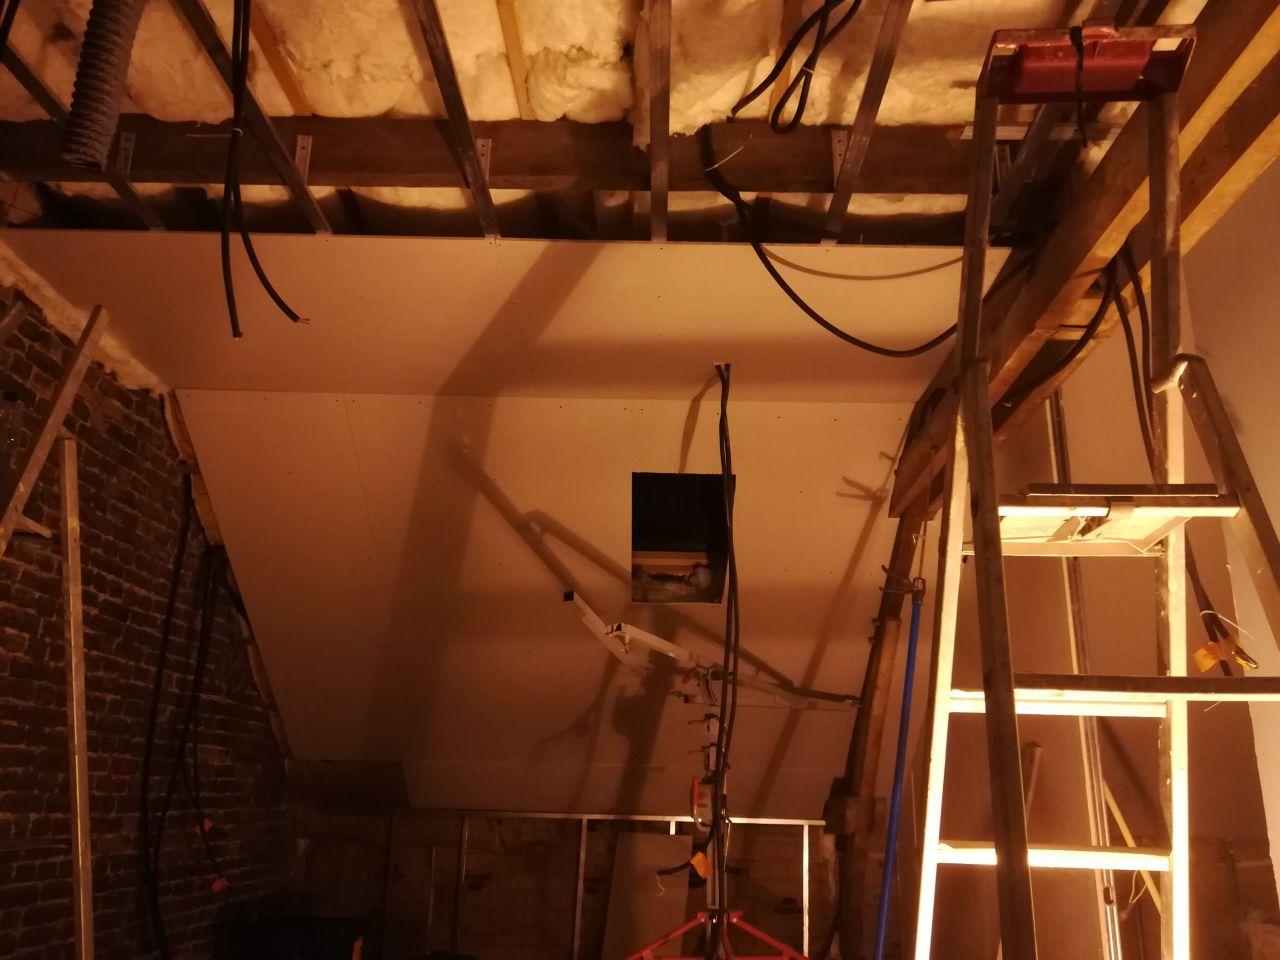 Structure en bois au dessus de la salle de bain afin de réduire la hauteur à 2m50